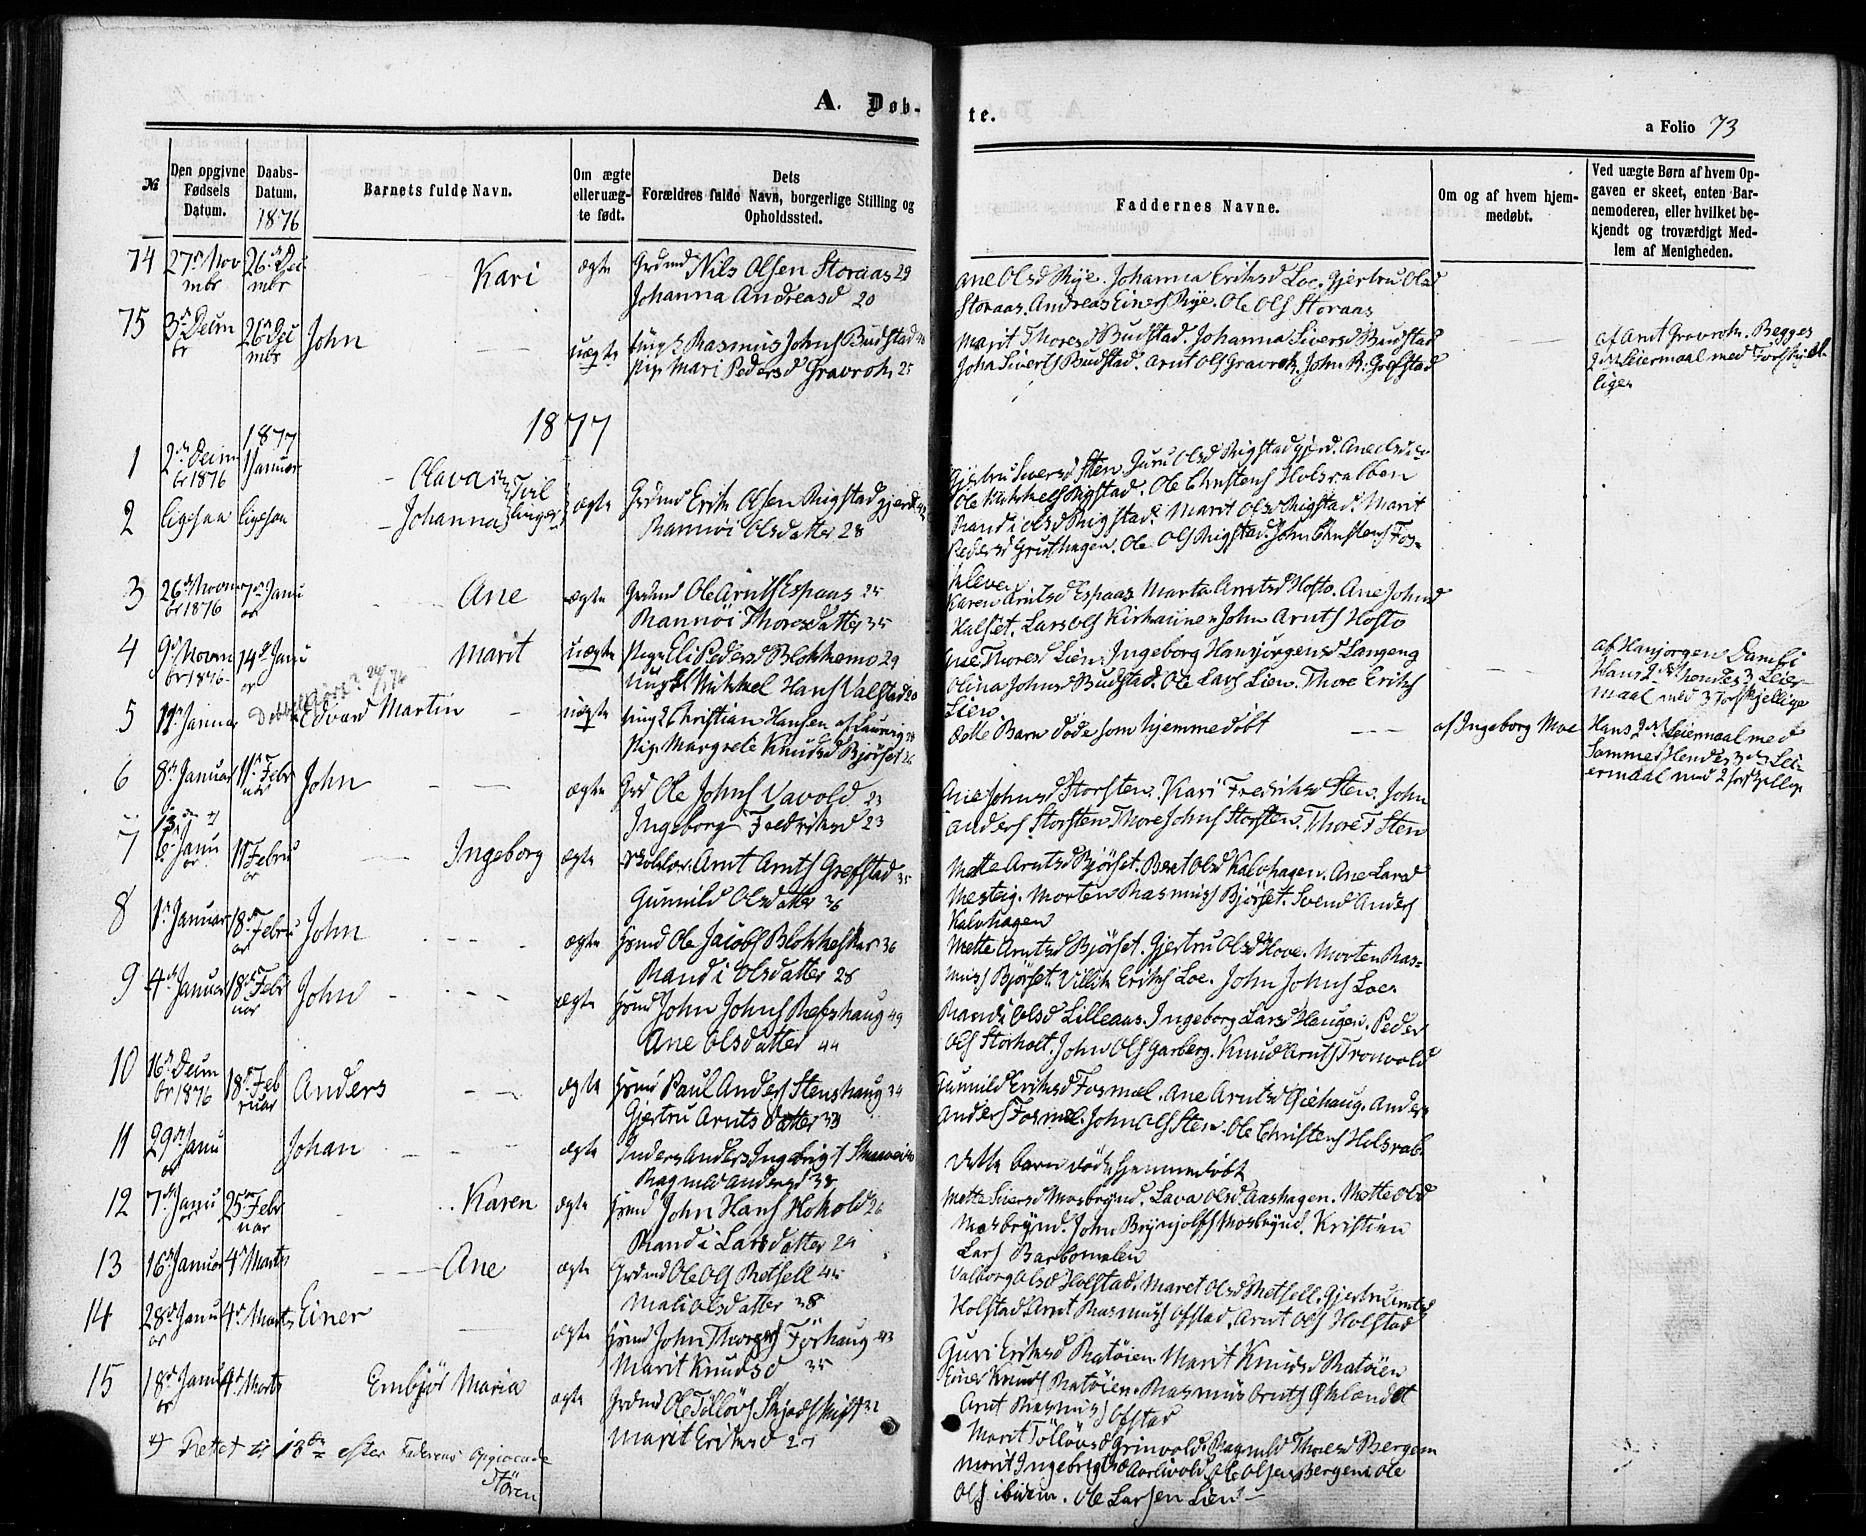 SAT, Ministerialprotokoller, klokkerbøker og fødselsregistre - Sør-Trøndelag, 672/L0856: Ministerialbok nr. 672A08, 1861-1881, s. 73